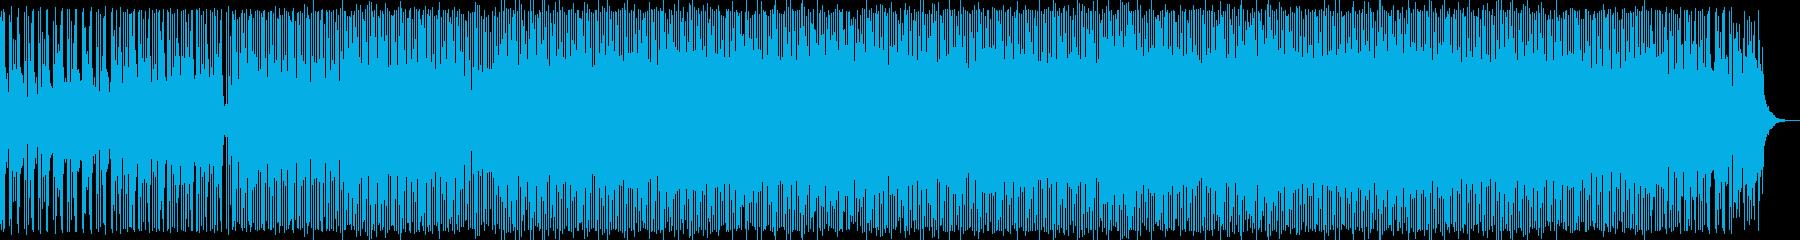 浮遊感ある重厚なテクノ音の再生済みの波形